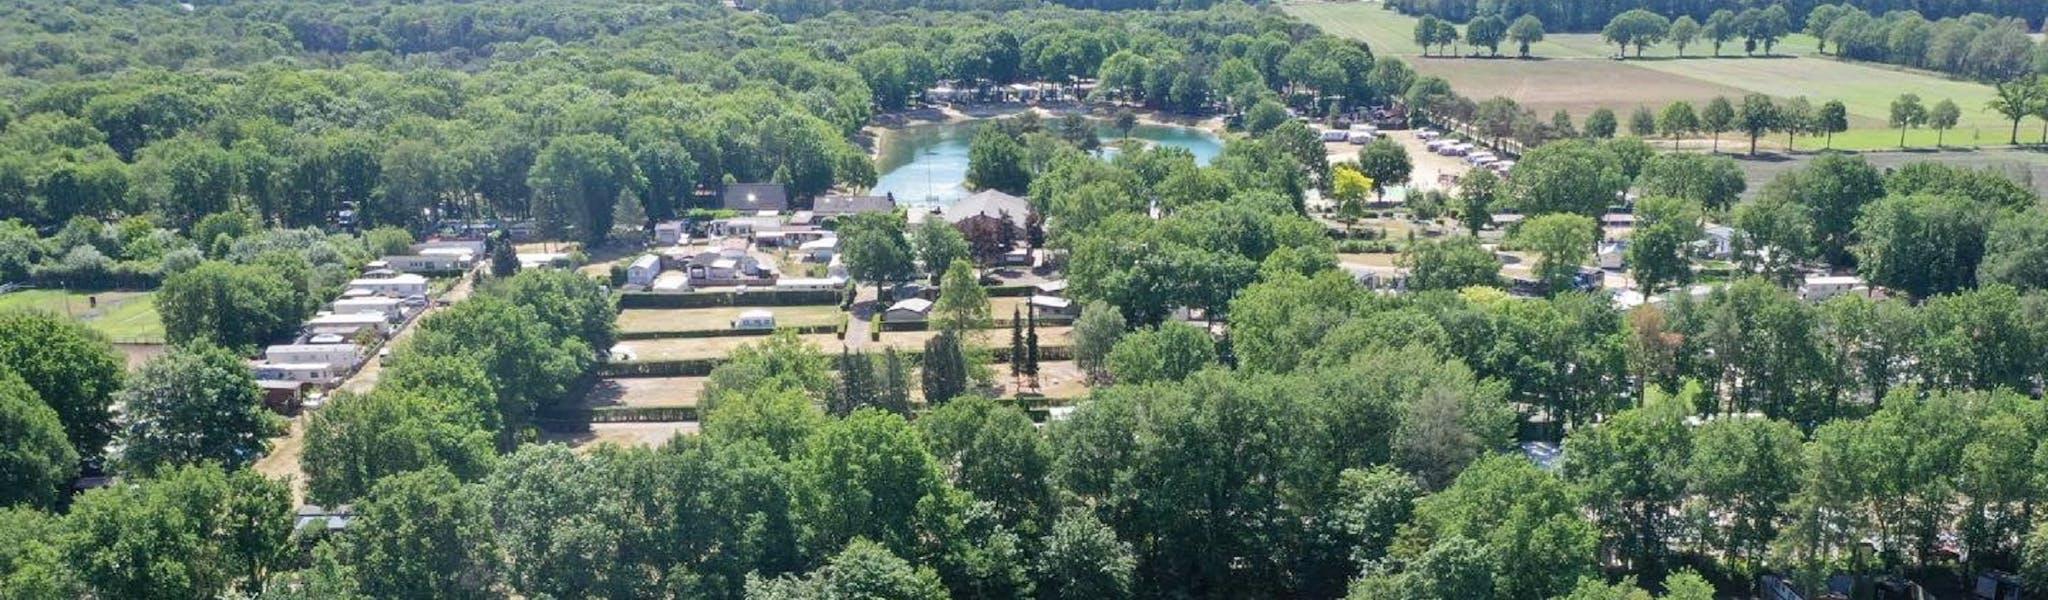 Camping de Heische Tip - overzicht